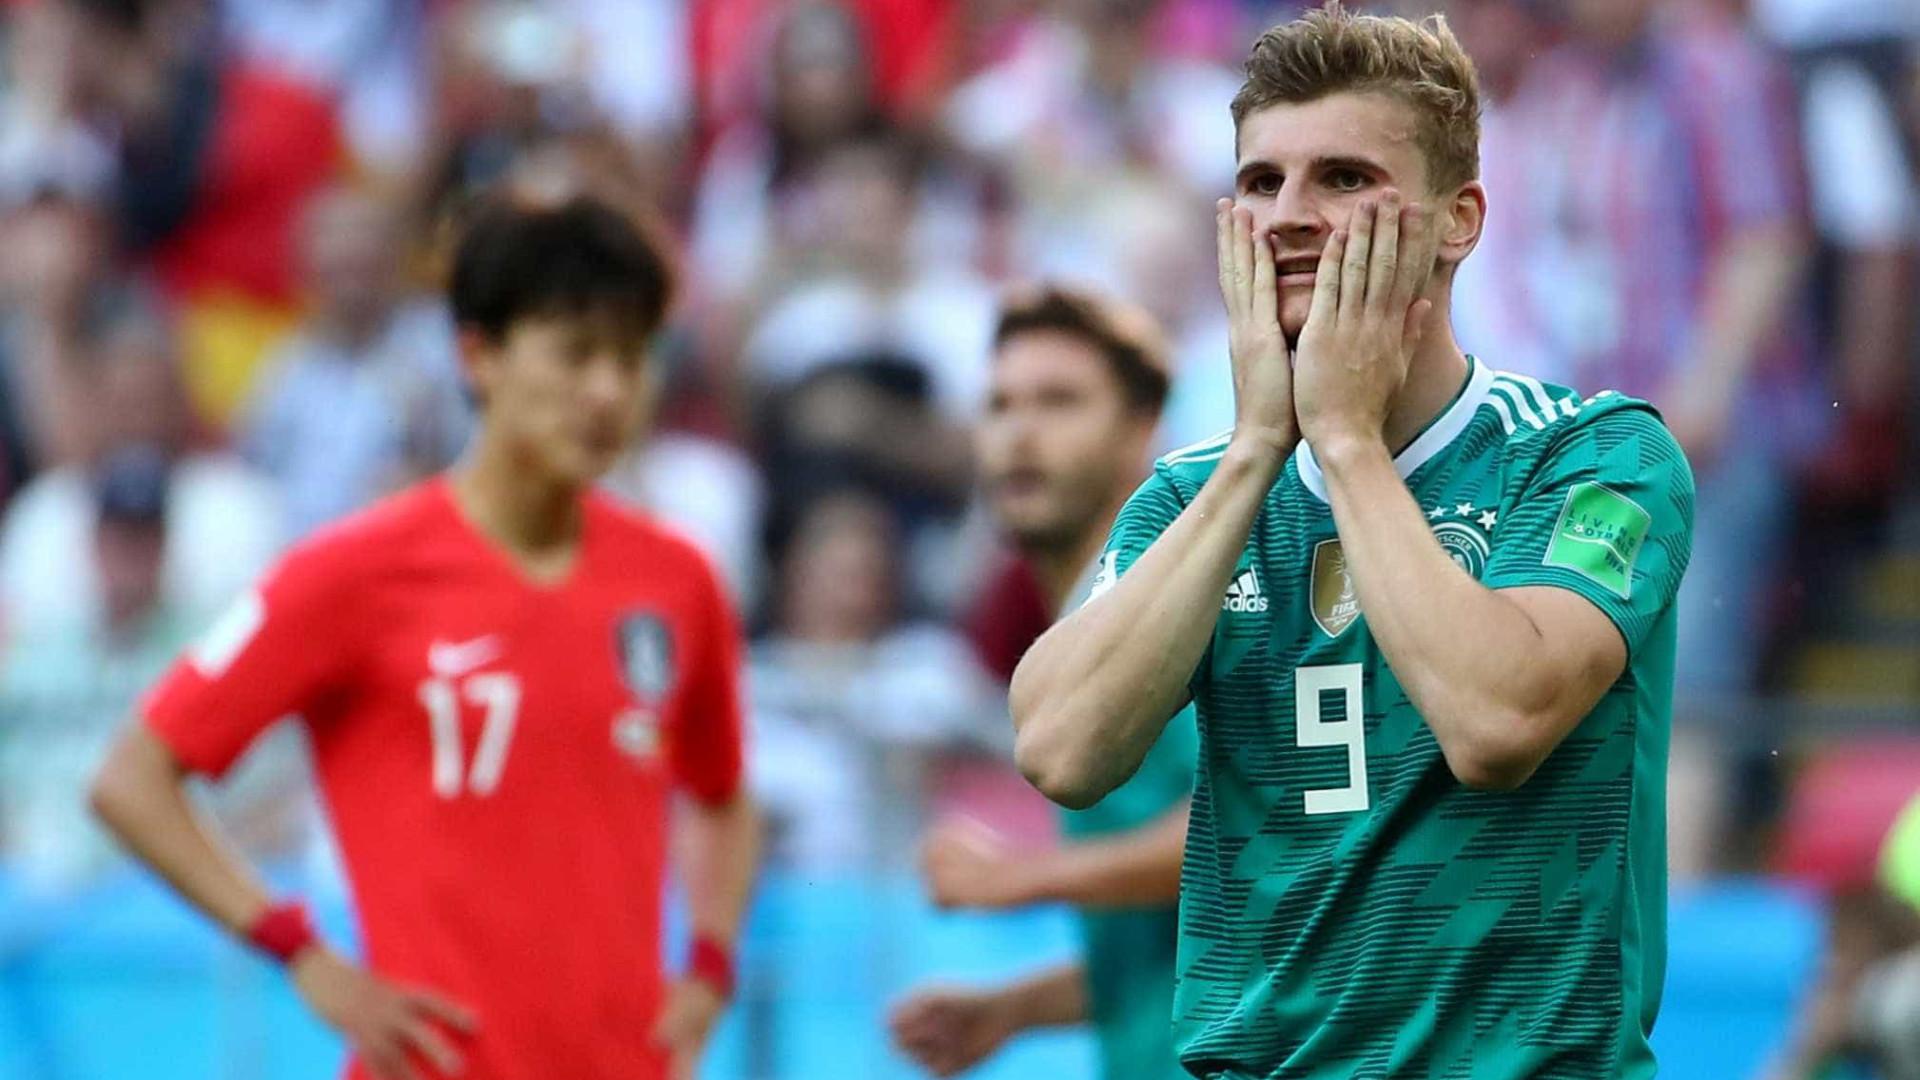 610bba5d5e Auf Wiedersehen! Adeus! Alemanha é eliminada da Copa - Conexão Paraiso